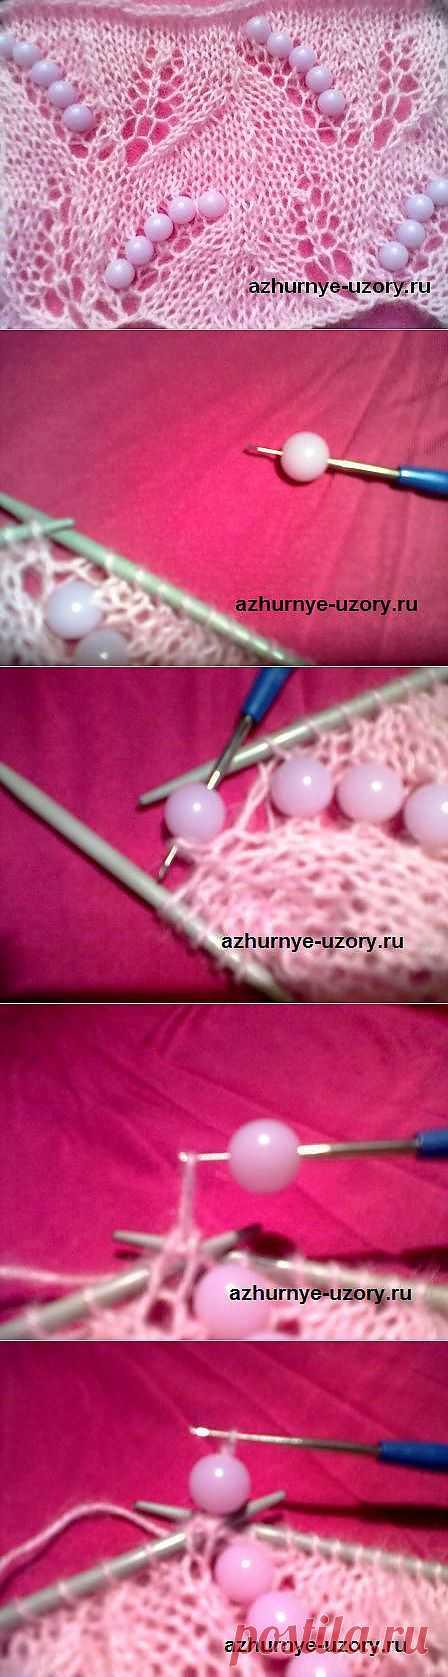 Вязание спицами с бисером или бусинами.